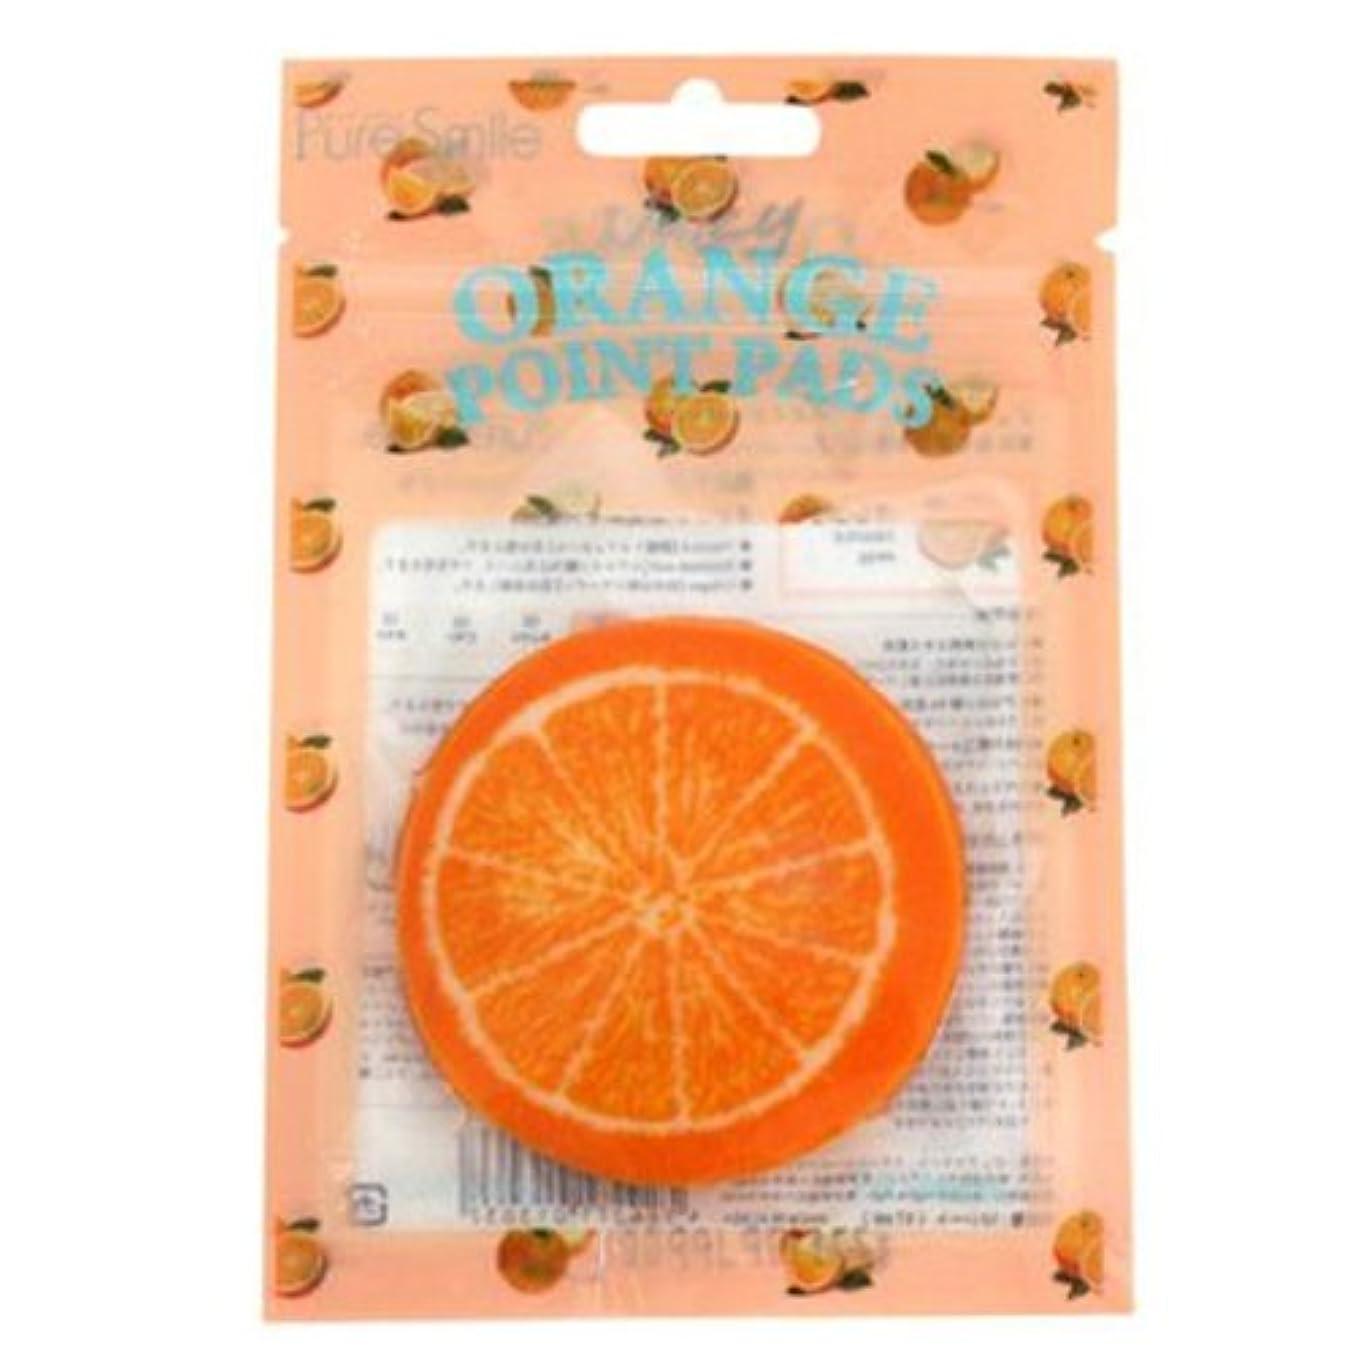 格差ペアランダムピュアスマイル ジューシーフルーツ ポイントパッド オレンジ(10枚入)